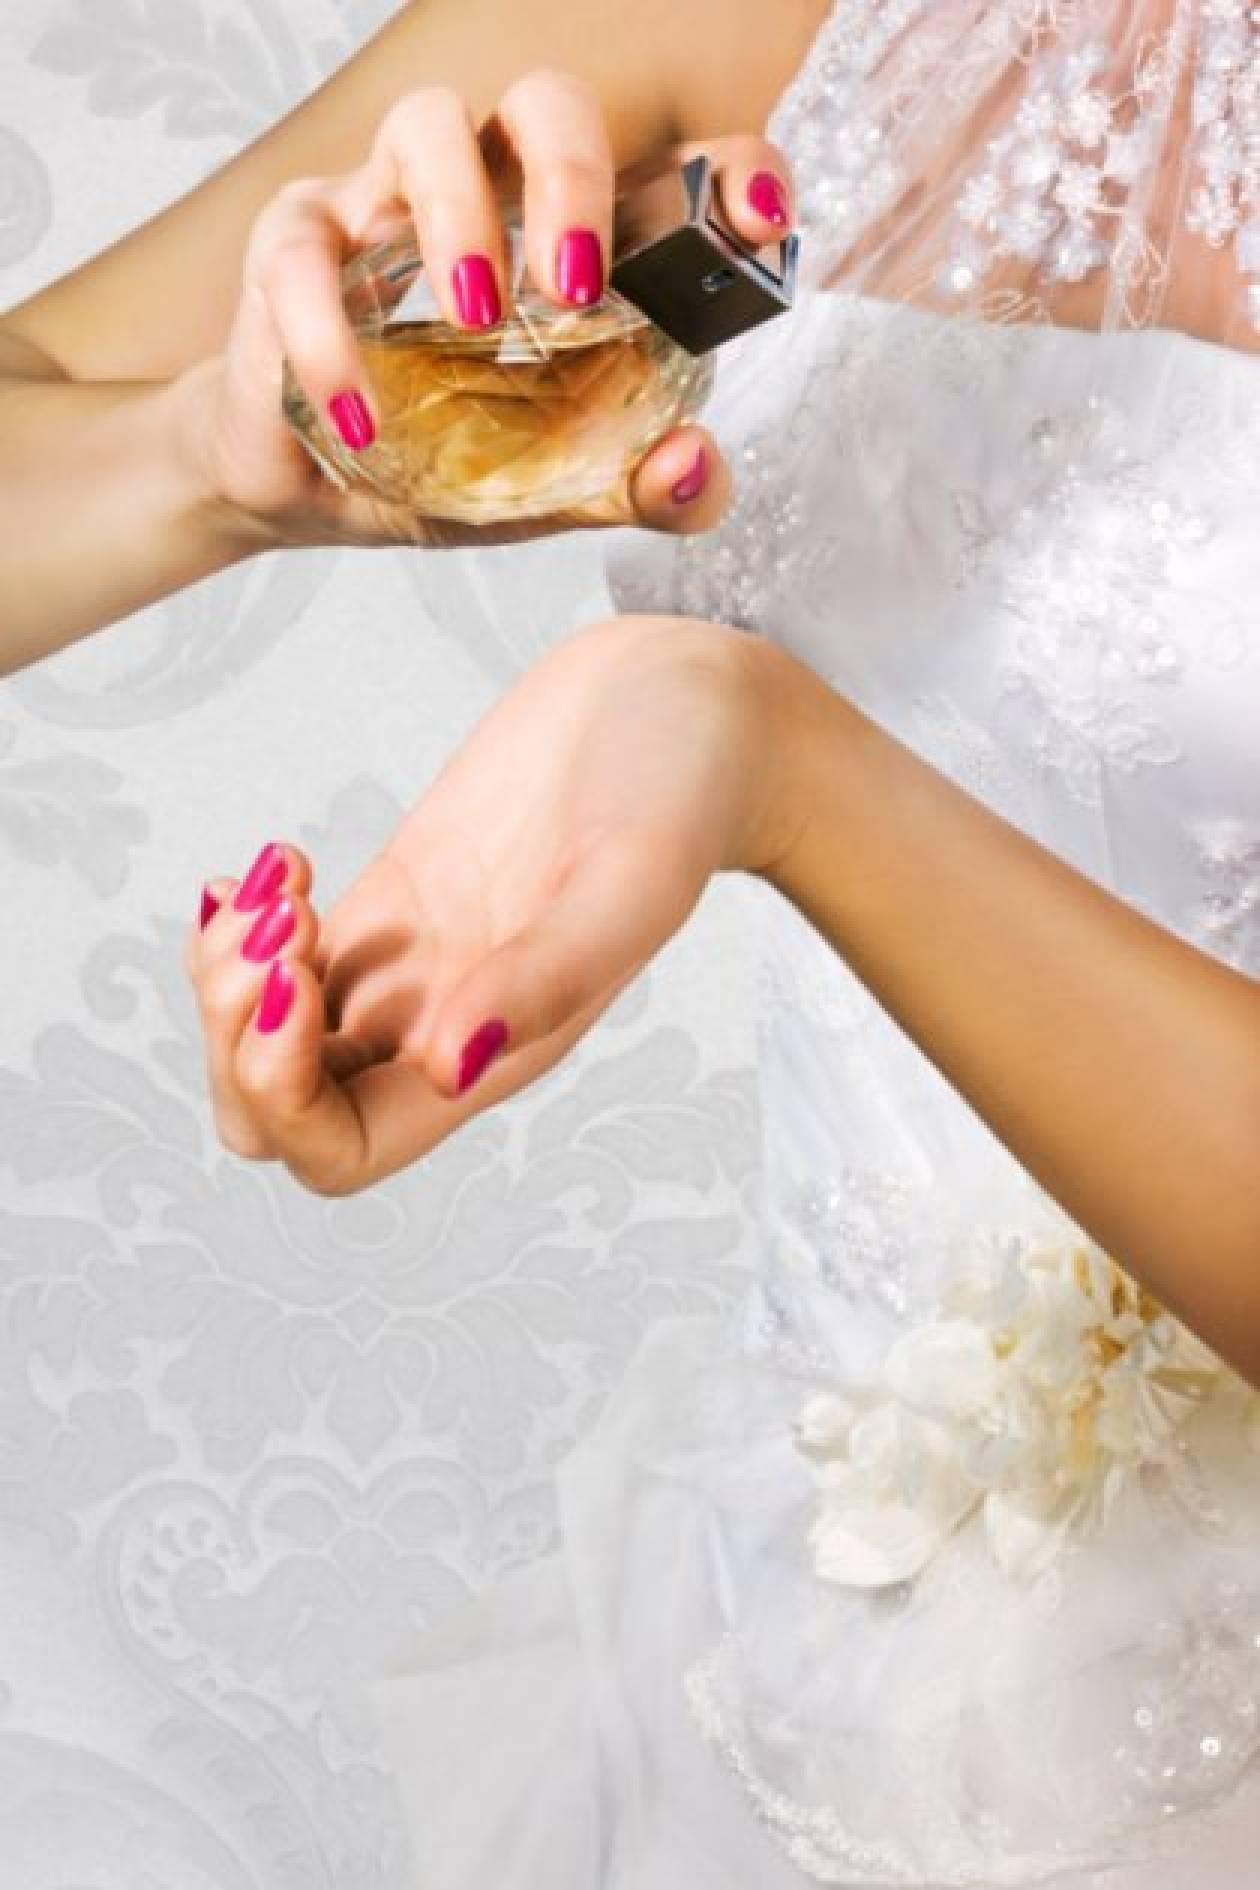 Το άρωμα του γάμου και πως να το διαλέξετε